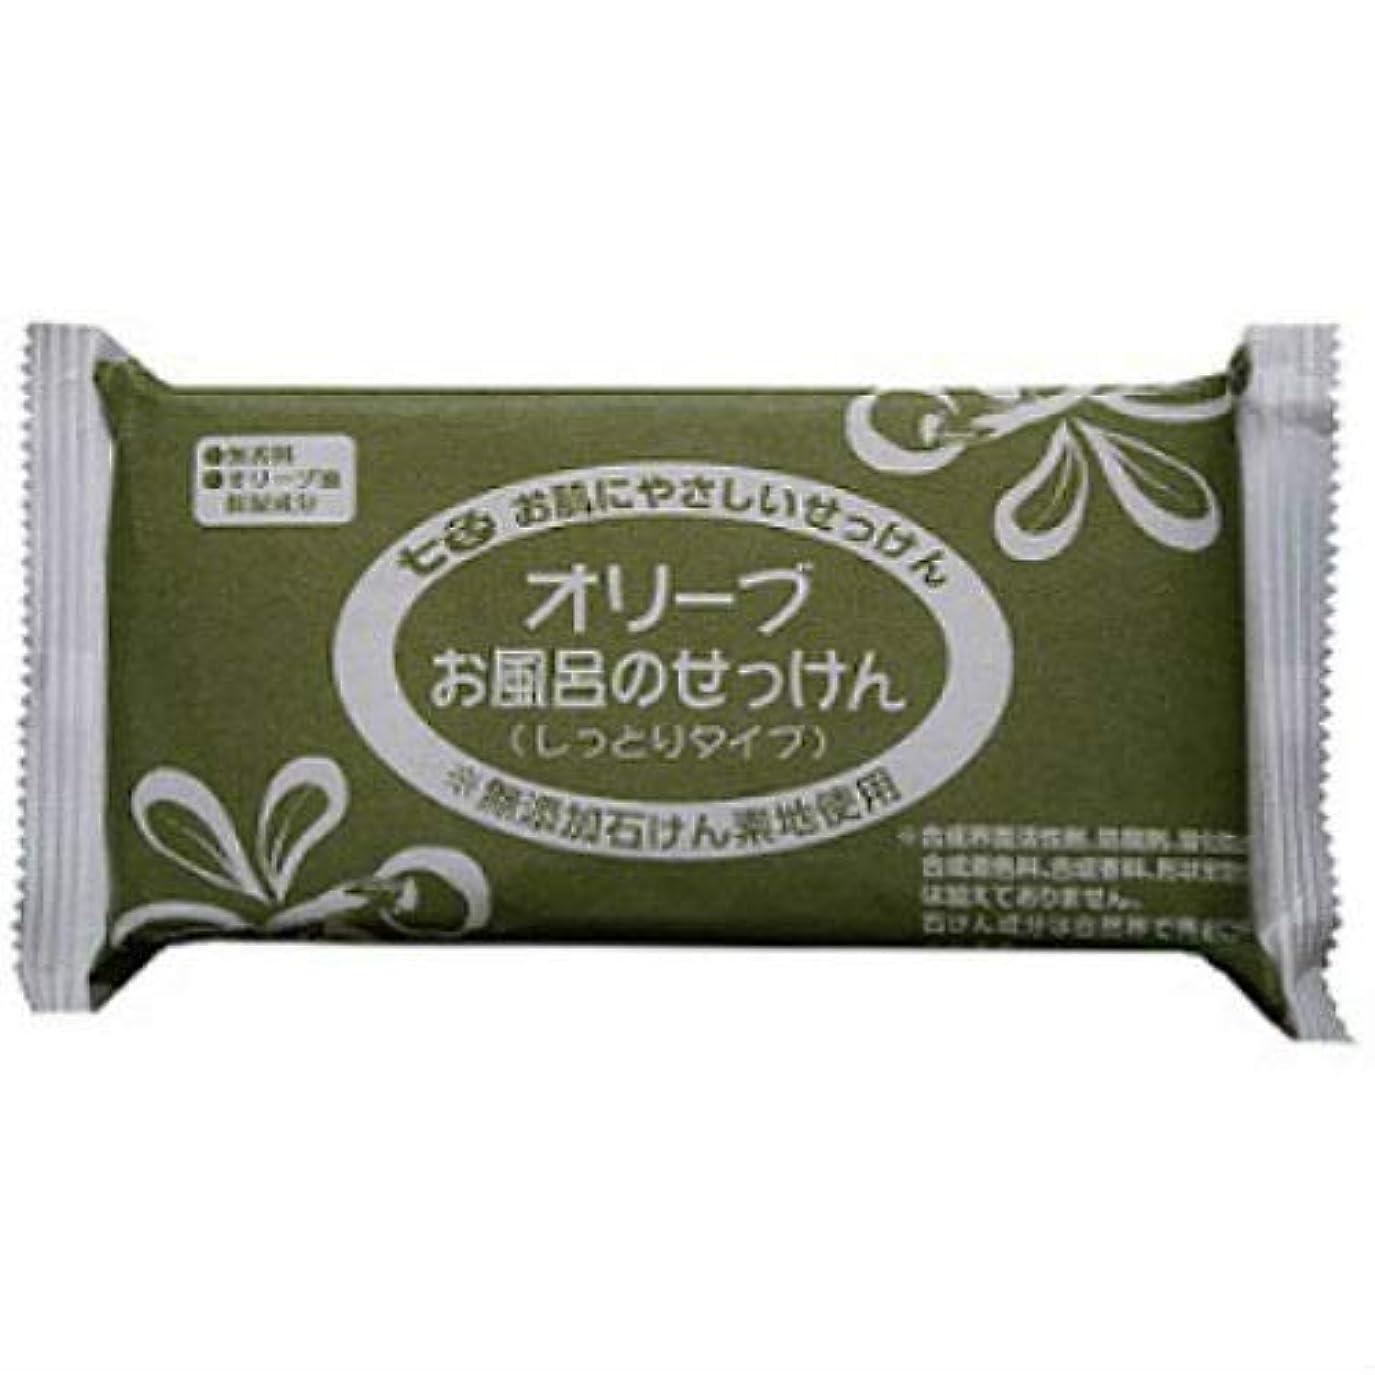 大気シソーラス保護まるは オリーブ お風呂のせっけん (無添加石鹸) 100g×3個入